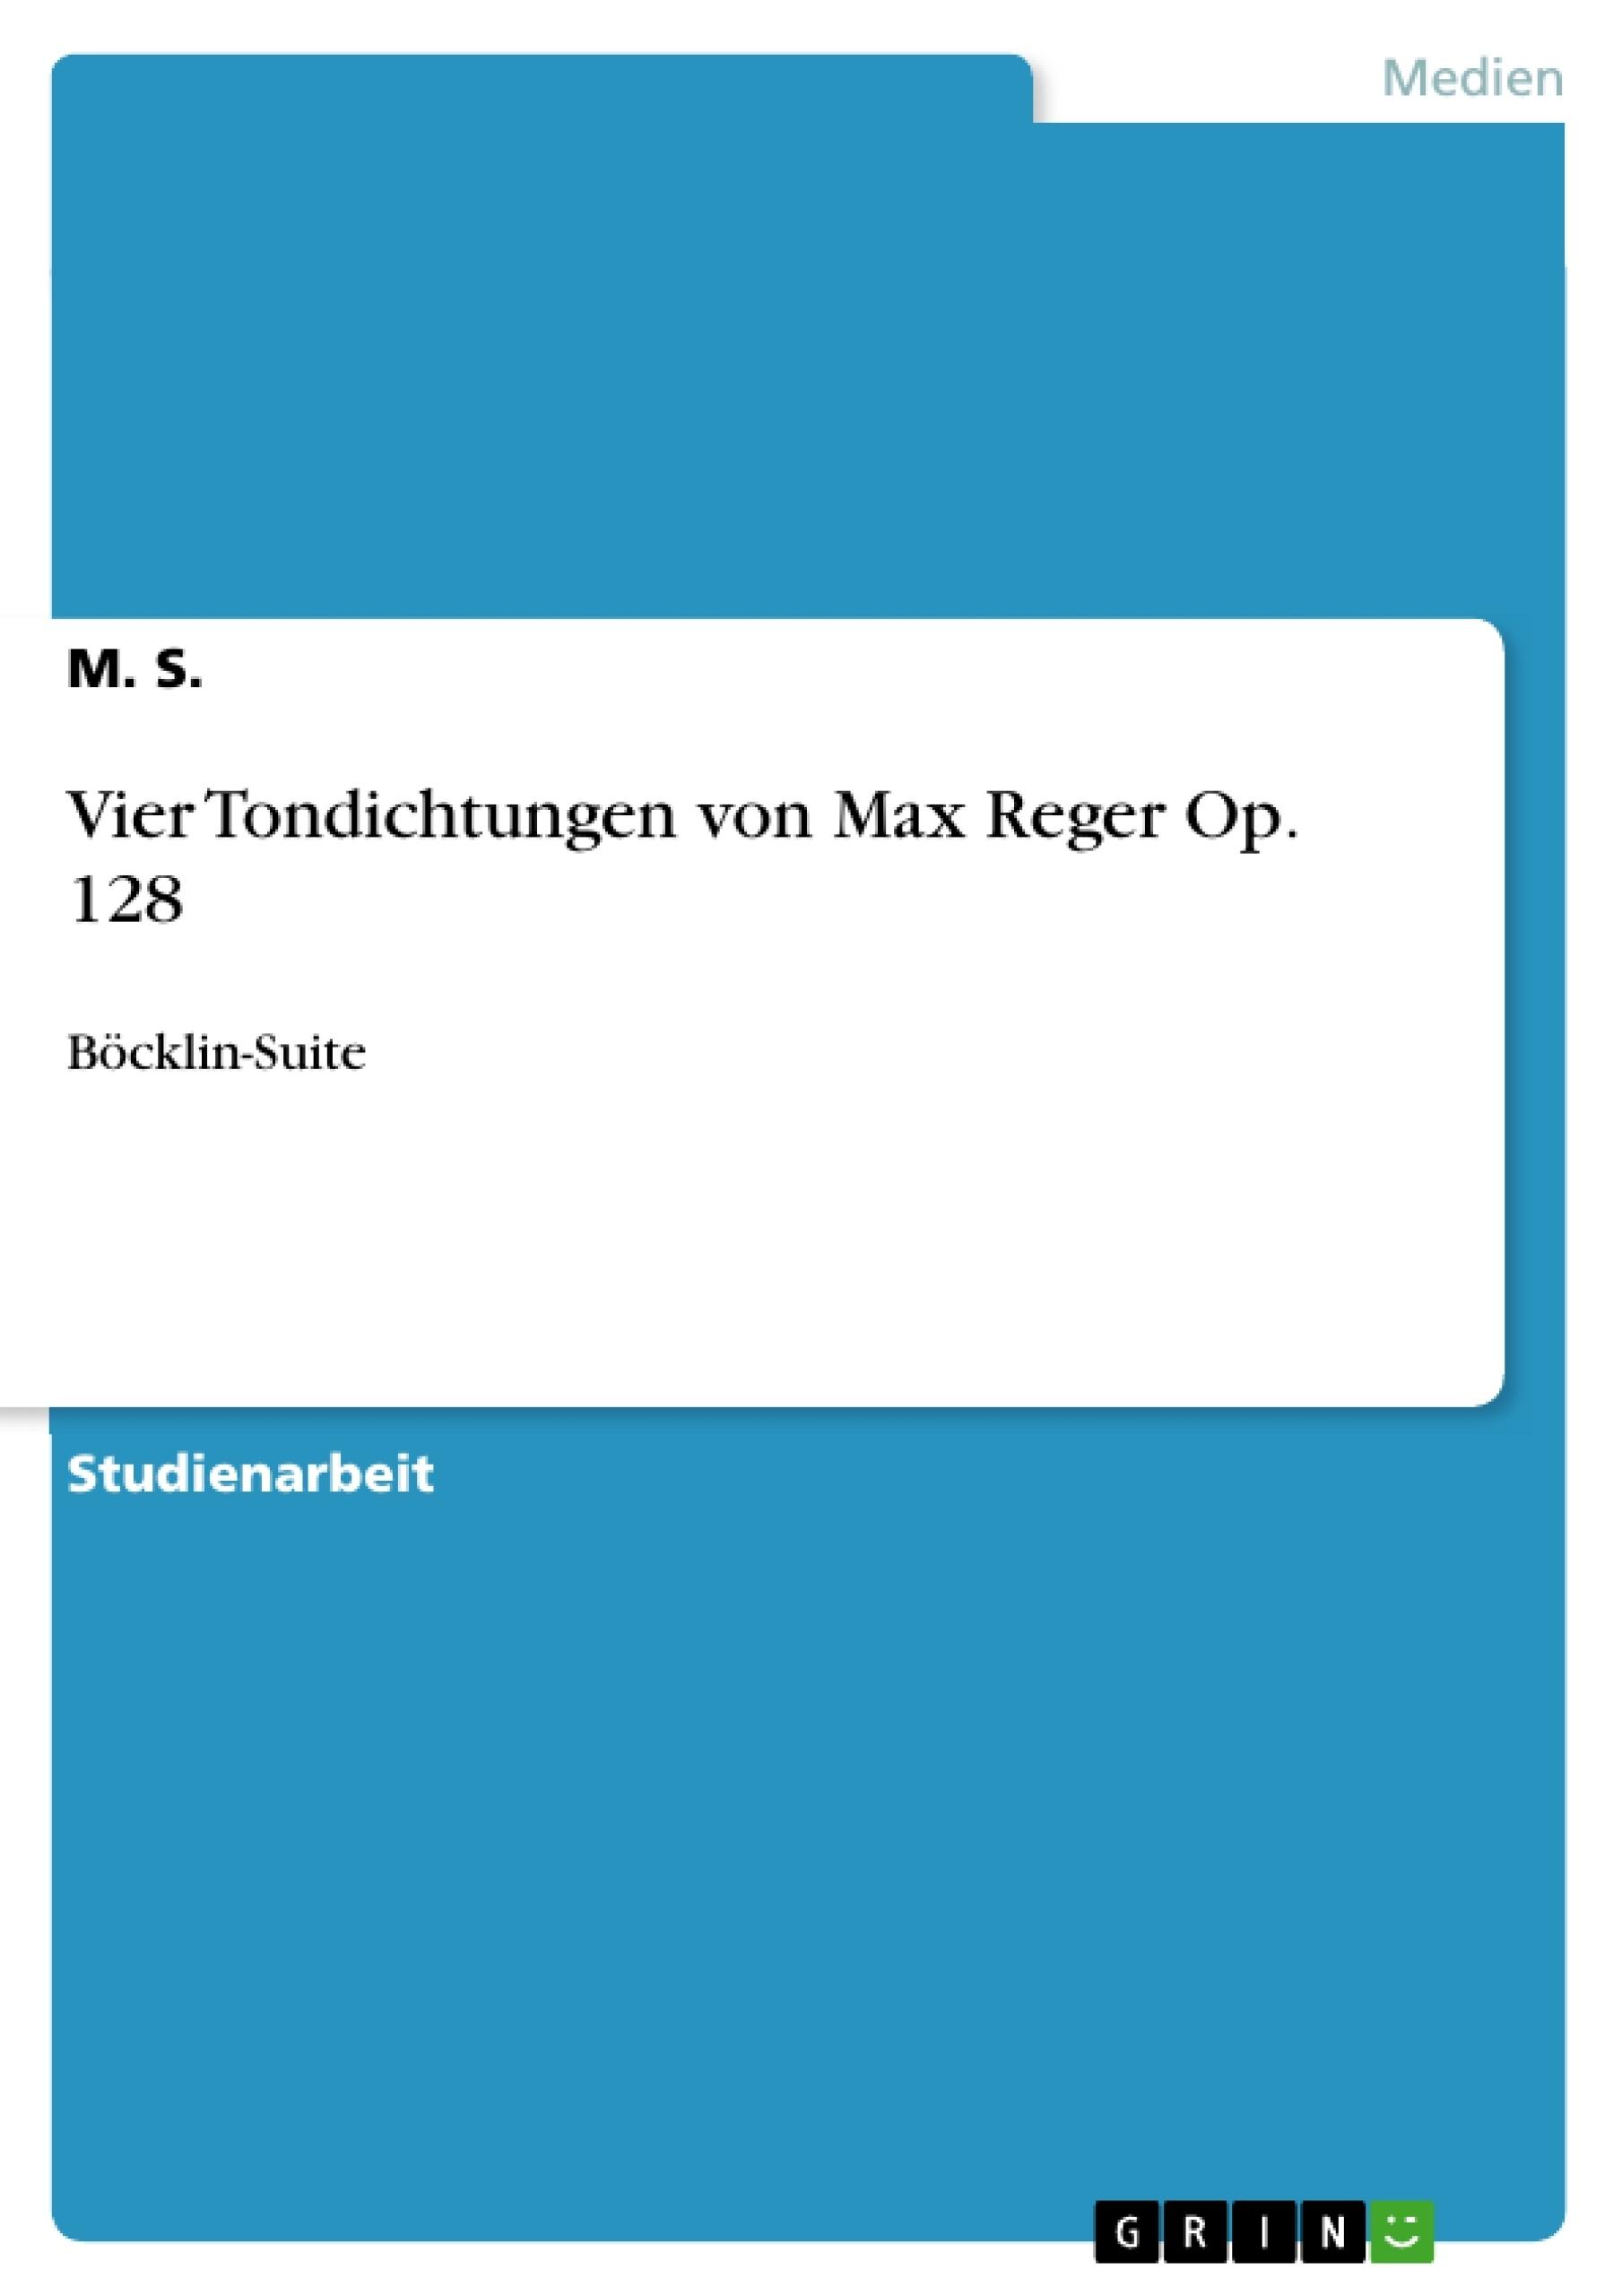 Titel: Vier Tondichtungen von Max Reger Op. 128